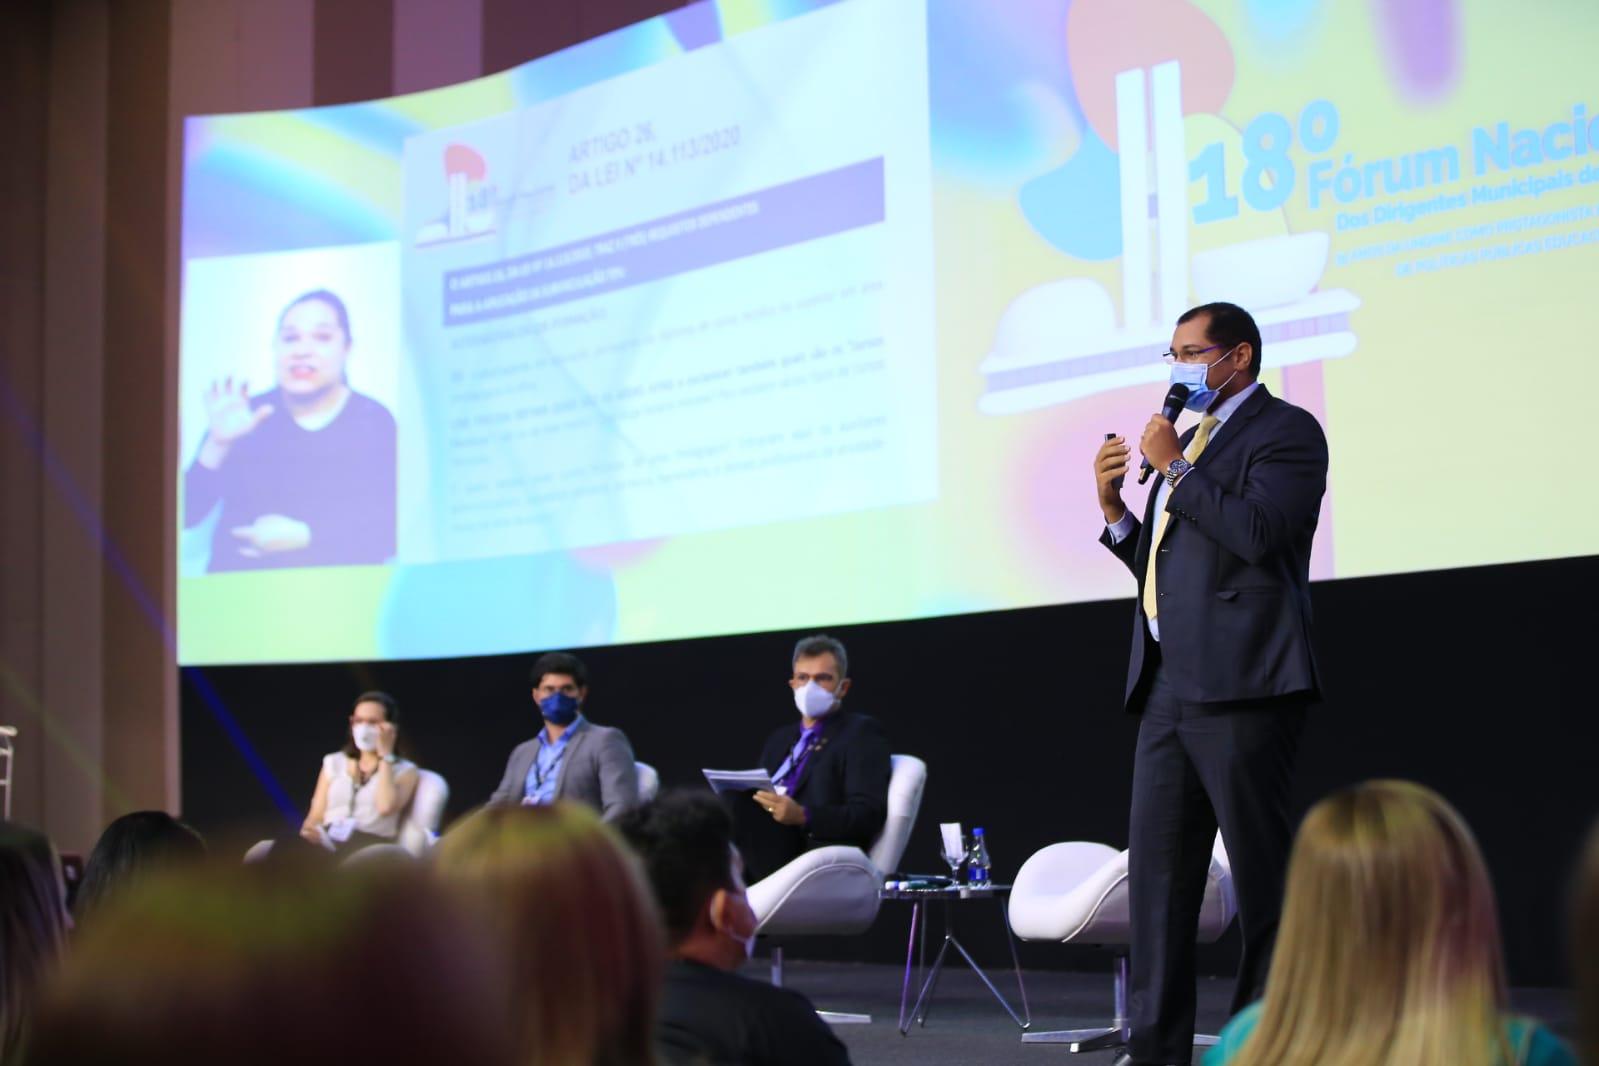 Acesse as apresentações utilizadas pelos palestrantes no 18º Fórum Nacional da Undime